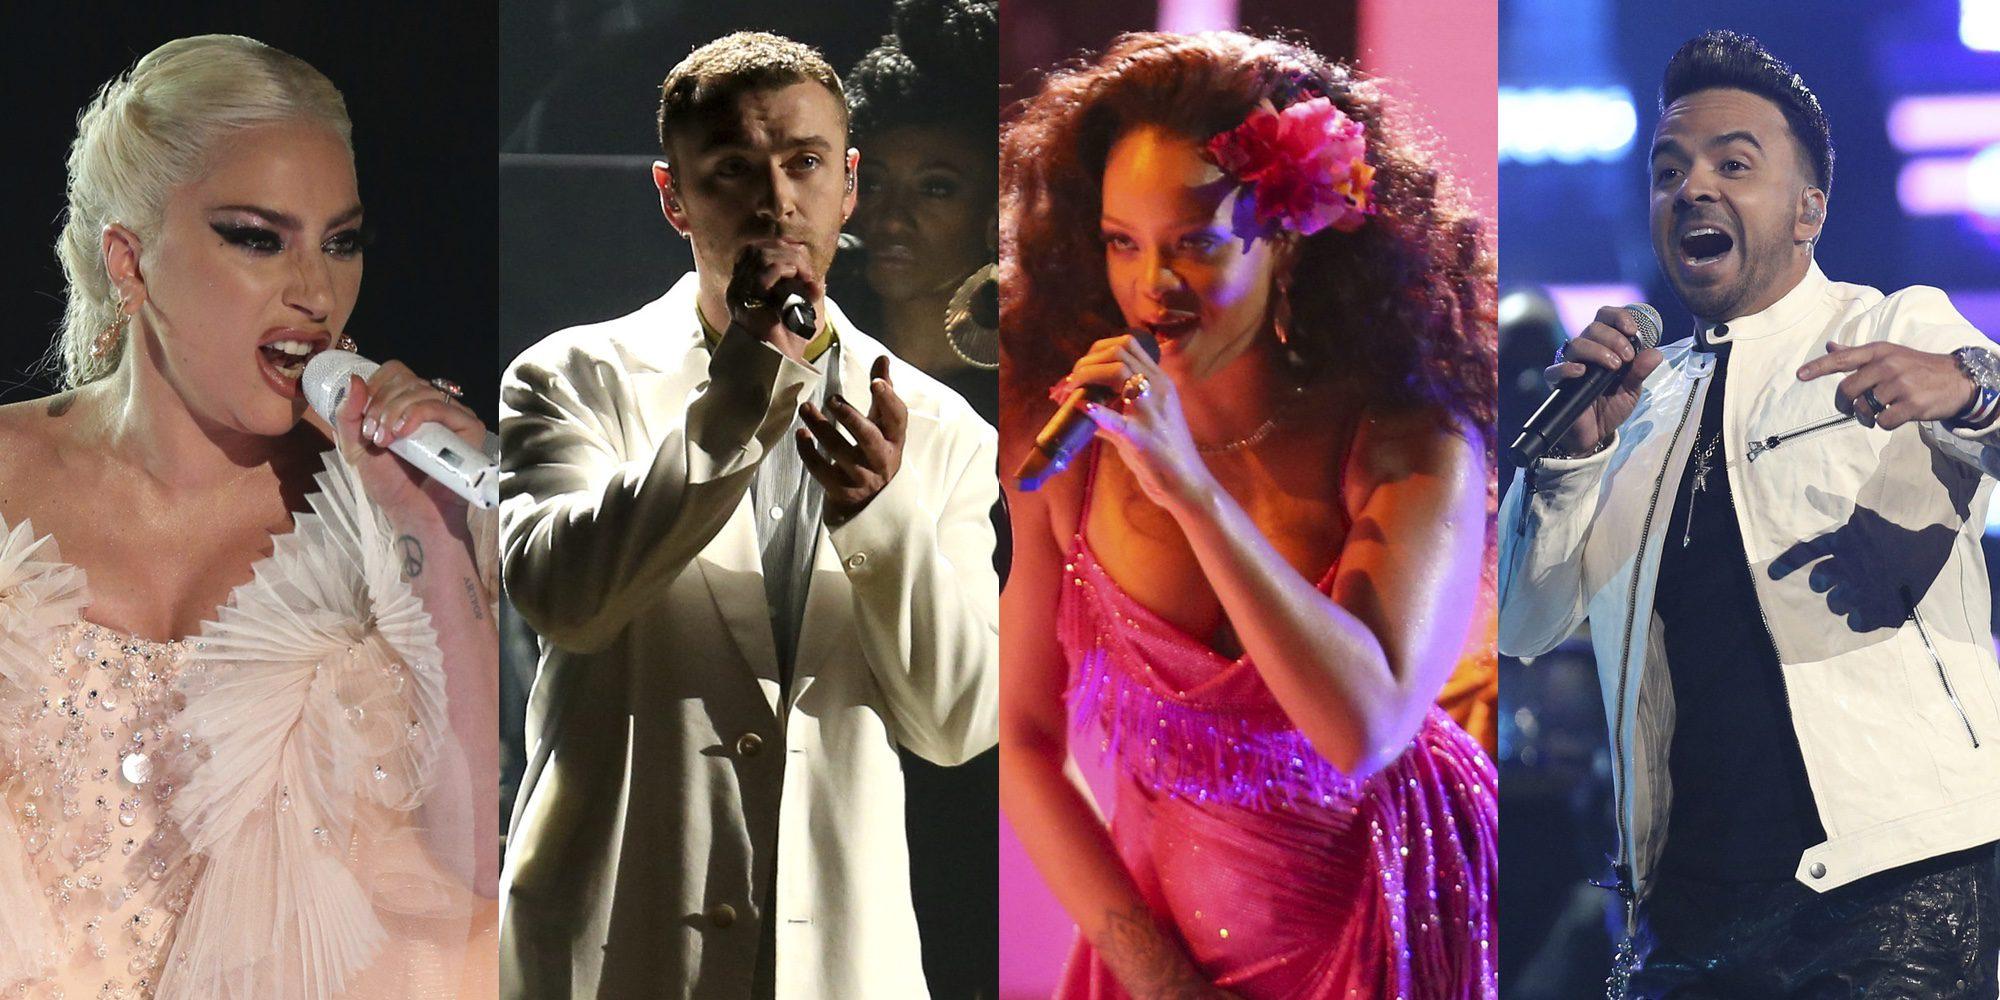 Las mejores actuaciones de los Grammy 2018: de Lady Gaga al 'Despacito' de Luis Fonsi